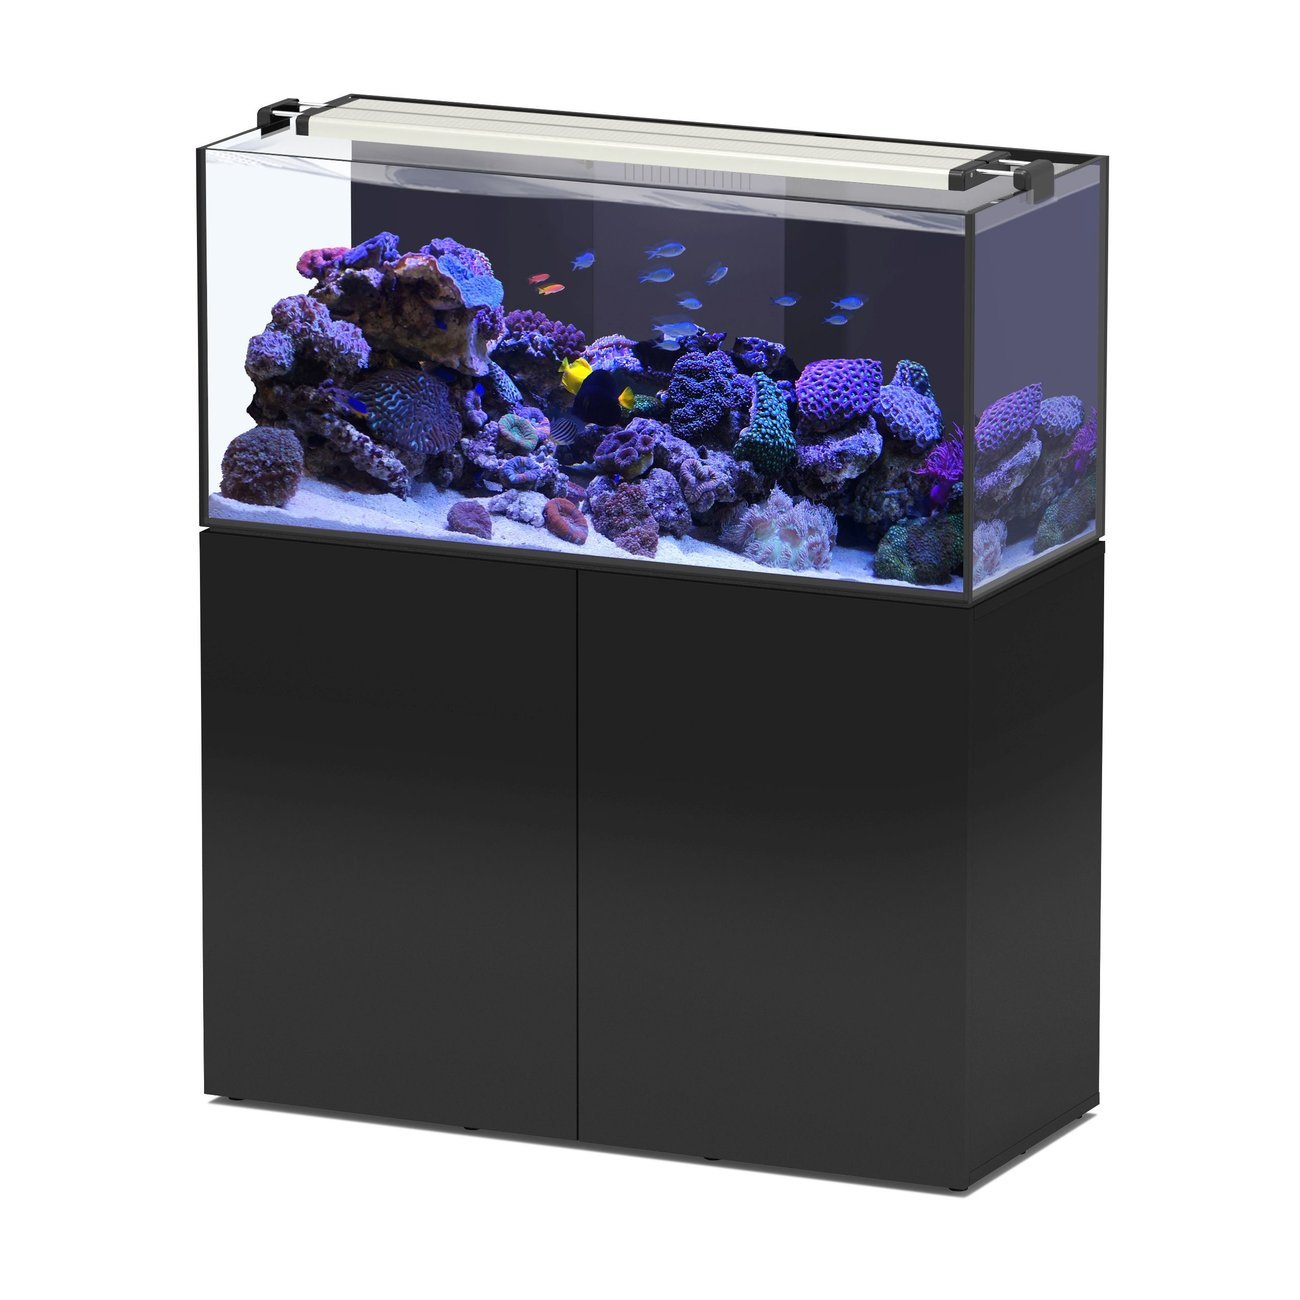 Aquatlantis AquaView 120 mit Unterschrank, Bild 3